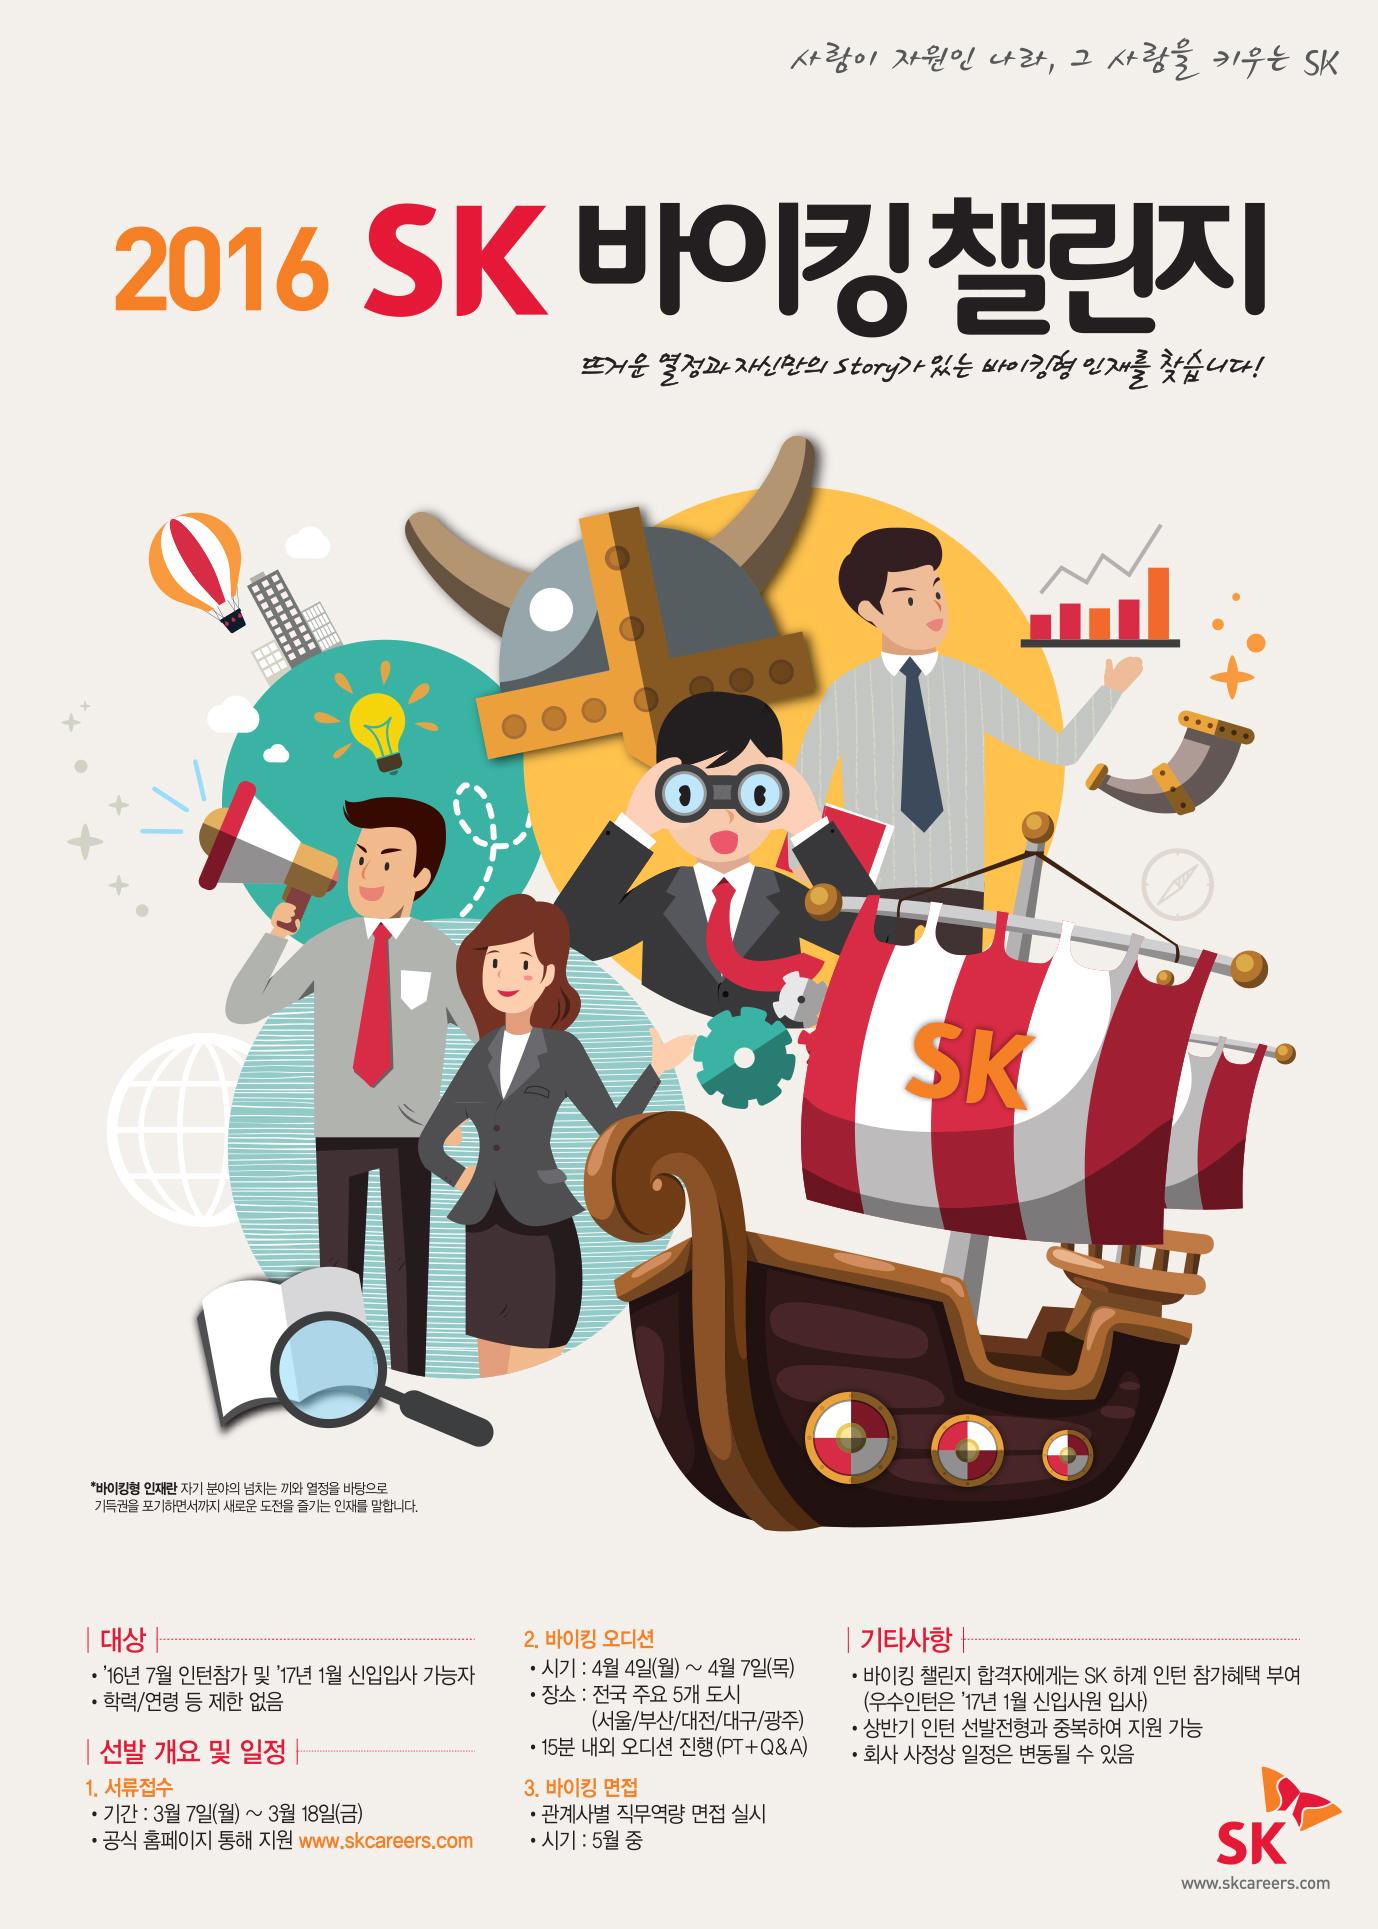 2016 SK 바이킹 챌린지 포스터.jpg